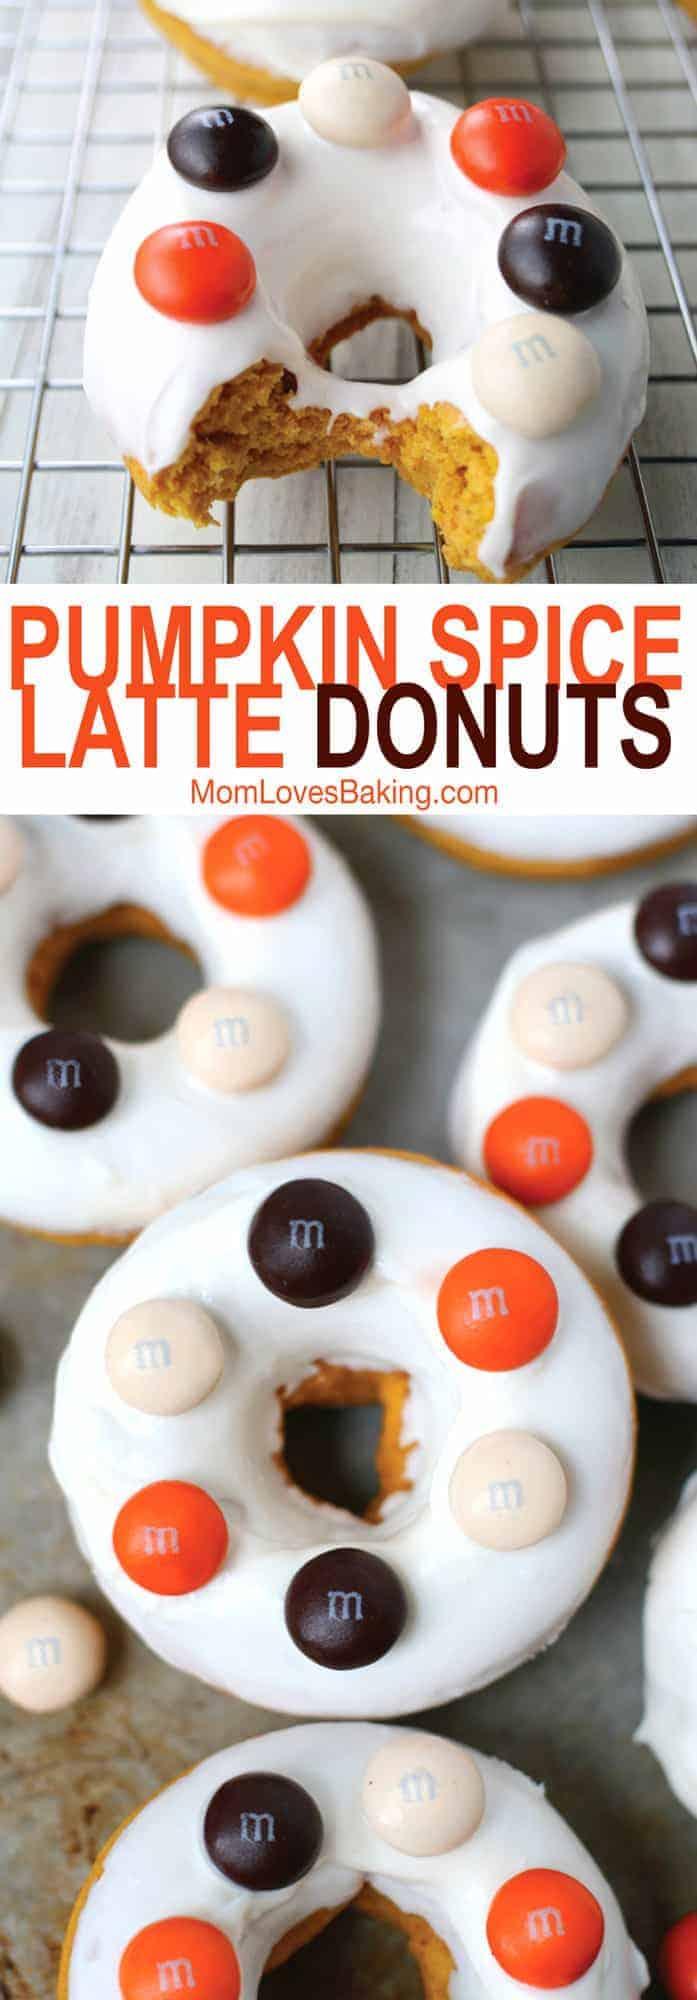 Pumpkin-Spice-Latte-Donuts-Long